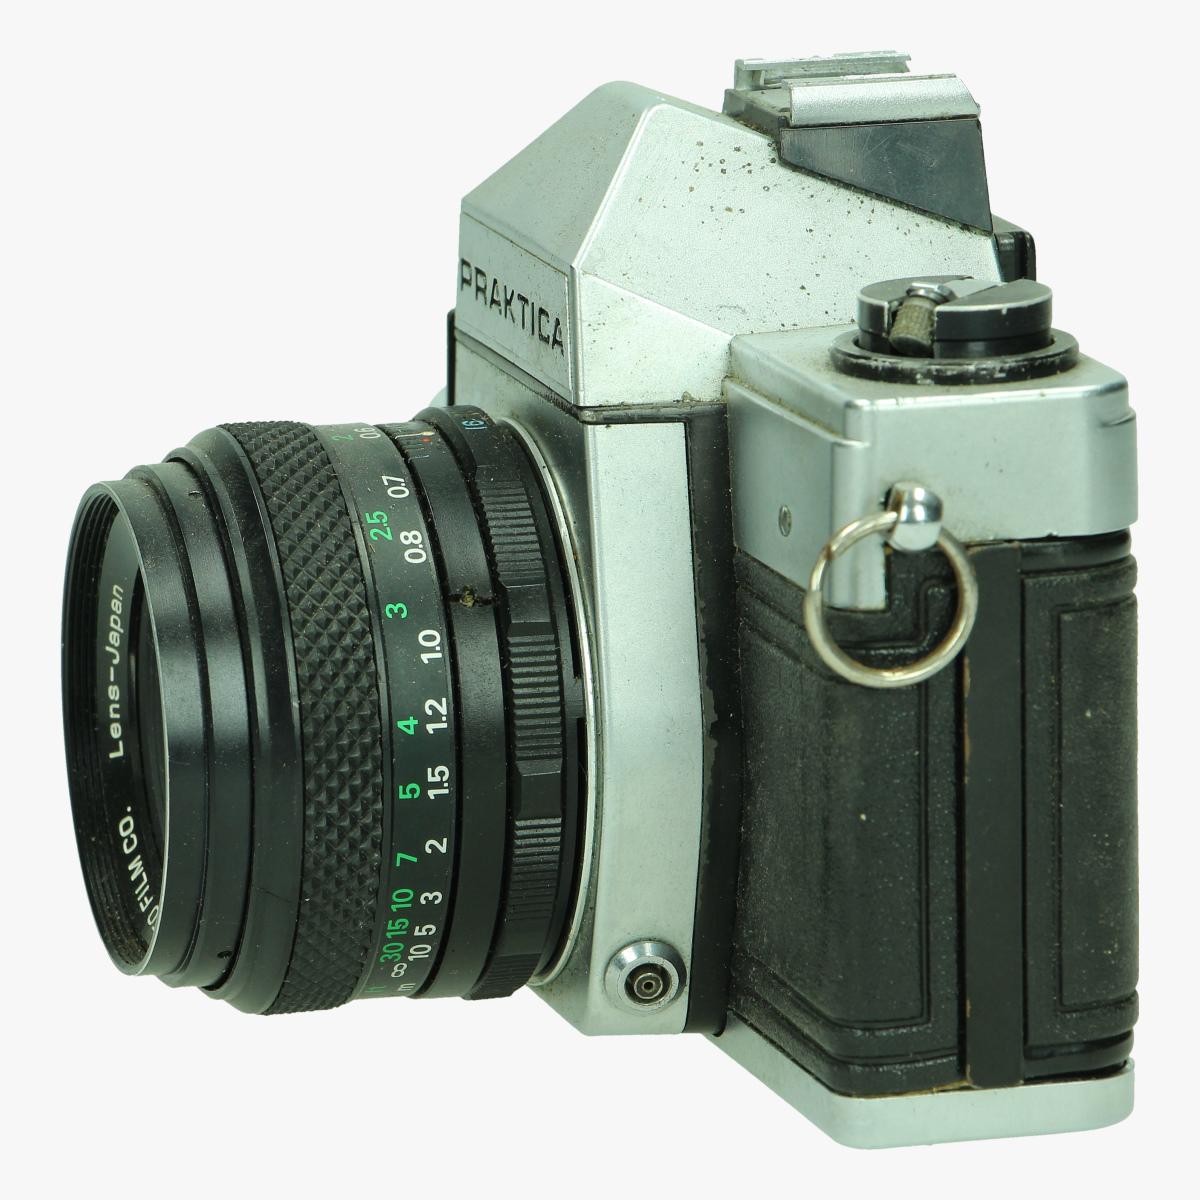 Afbeeldingen van fotocamera praktica mtl 5